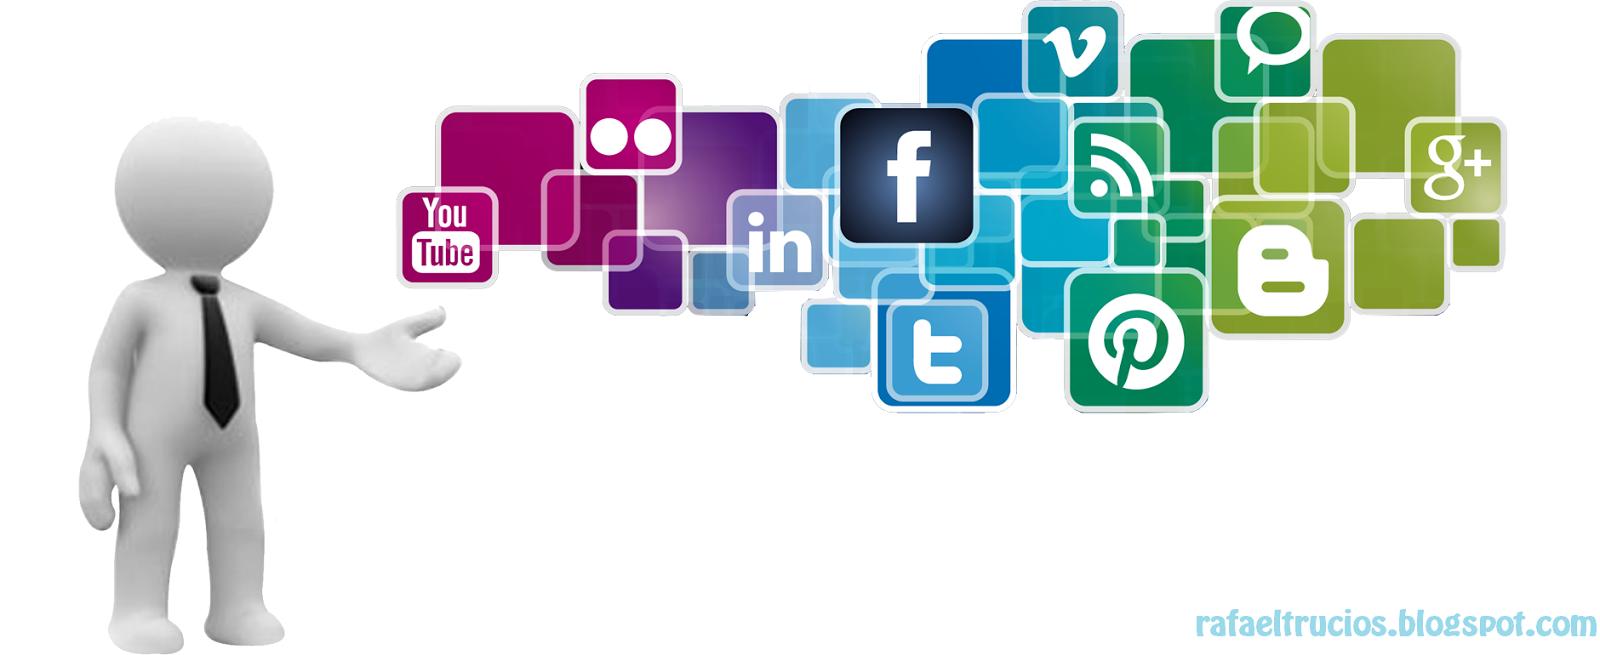 Presentacion : INTERNET MARKETING - HACIENDO CONVERSIONES DESDE SU WEBSITE por Rafael Trucios